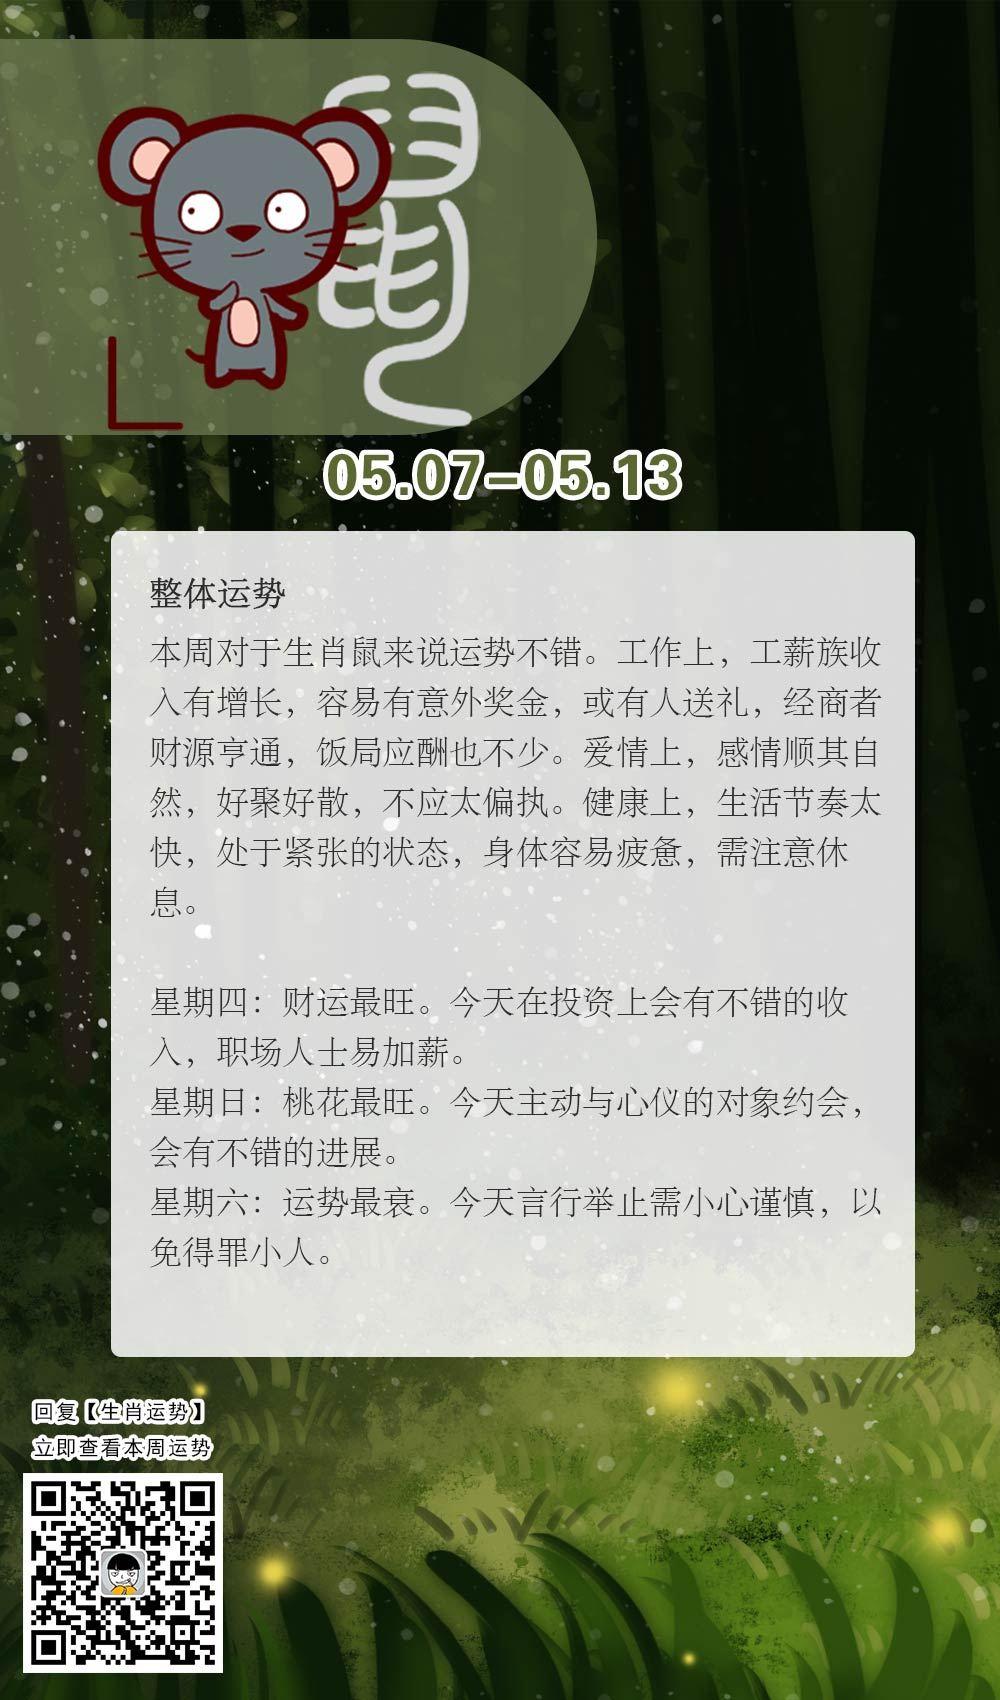 生肖鼠本周运势【2018.05.07-05.13】